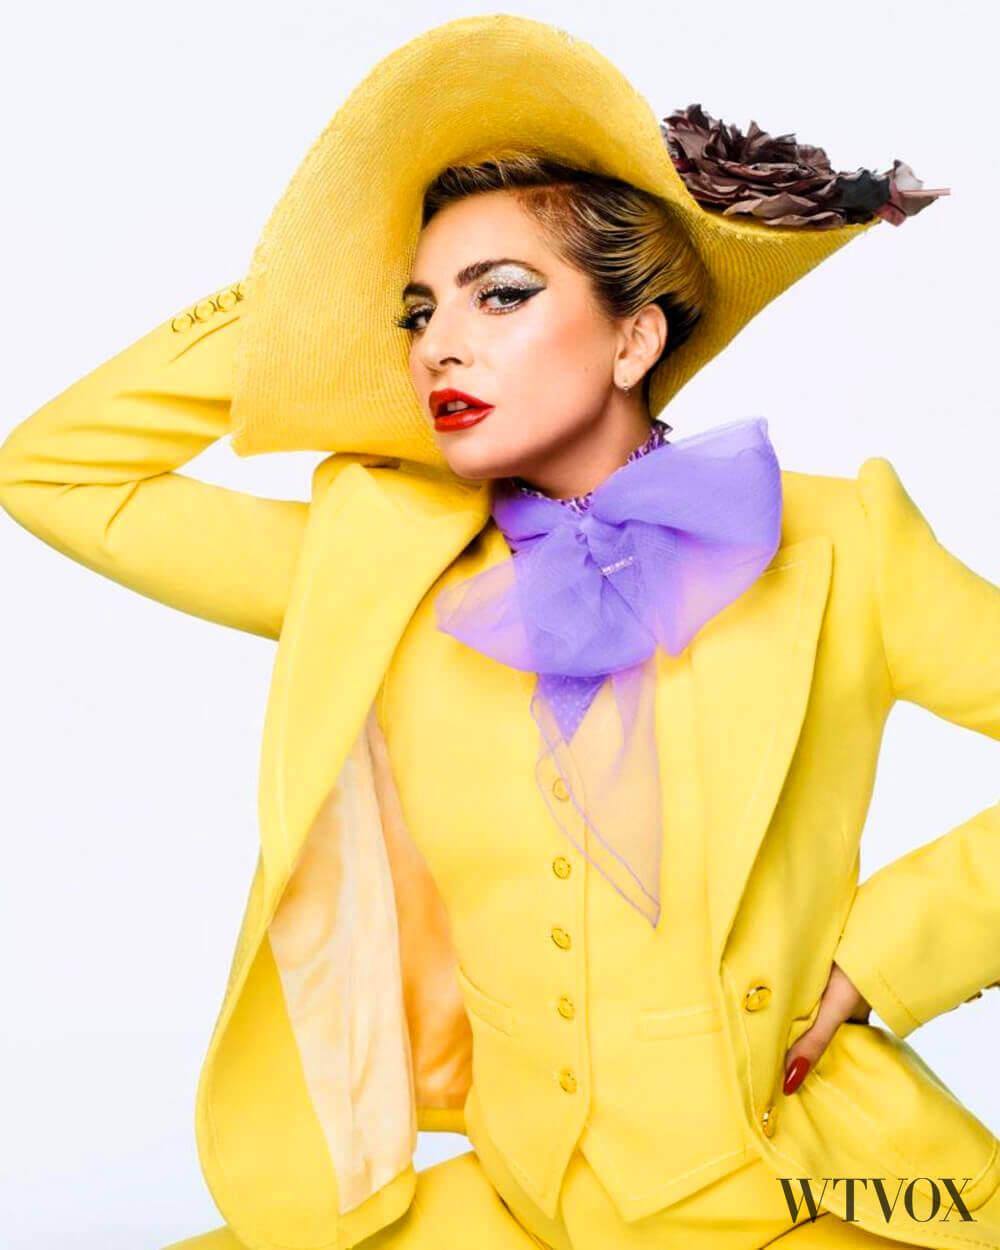 Lady Gaga androgynous look